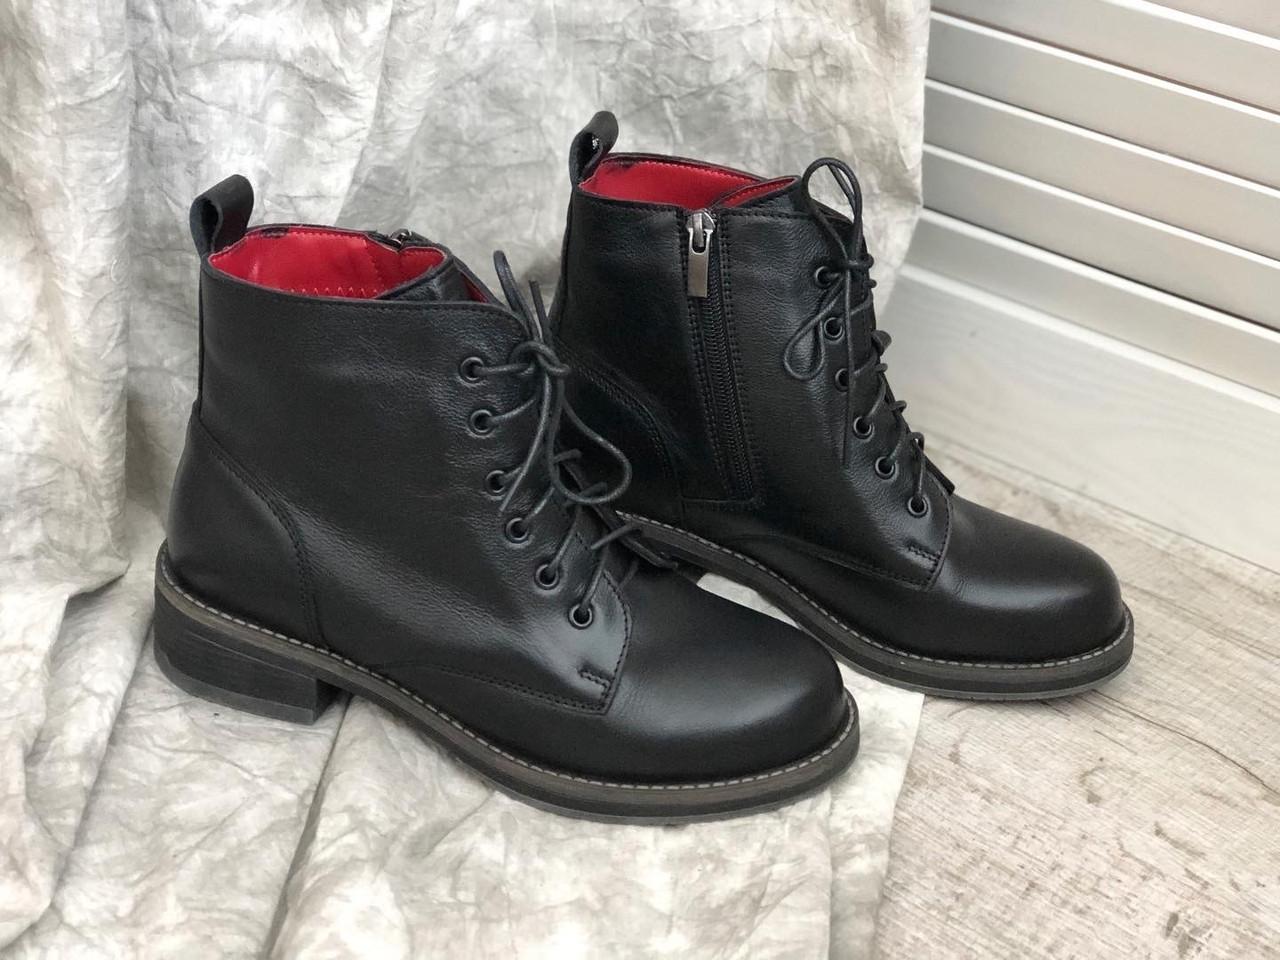 Кожаные женские ботинки 238 ч/к размеры 36,37,38,39,40,41